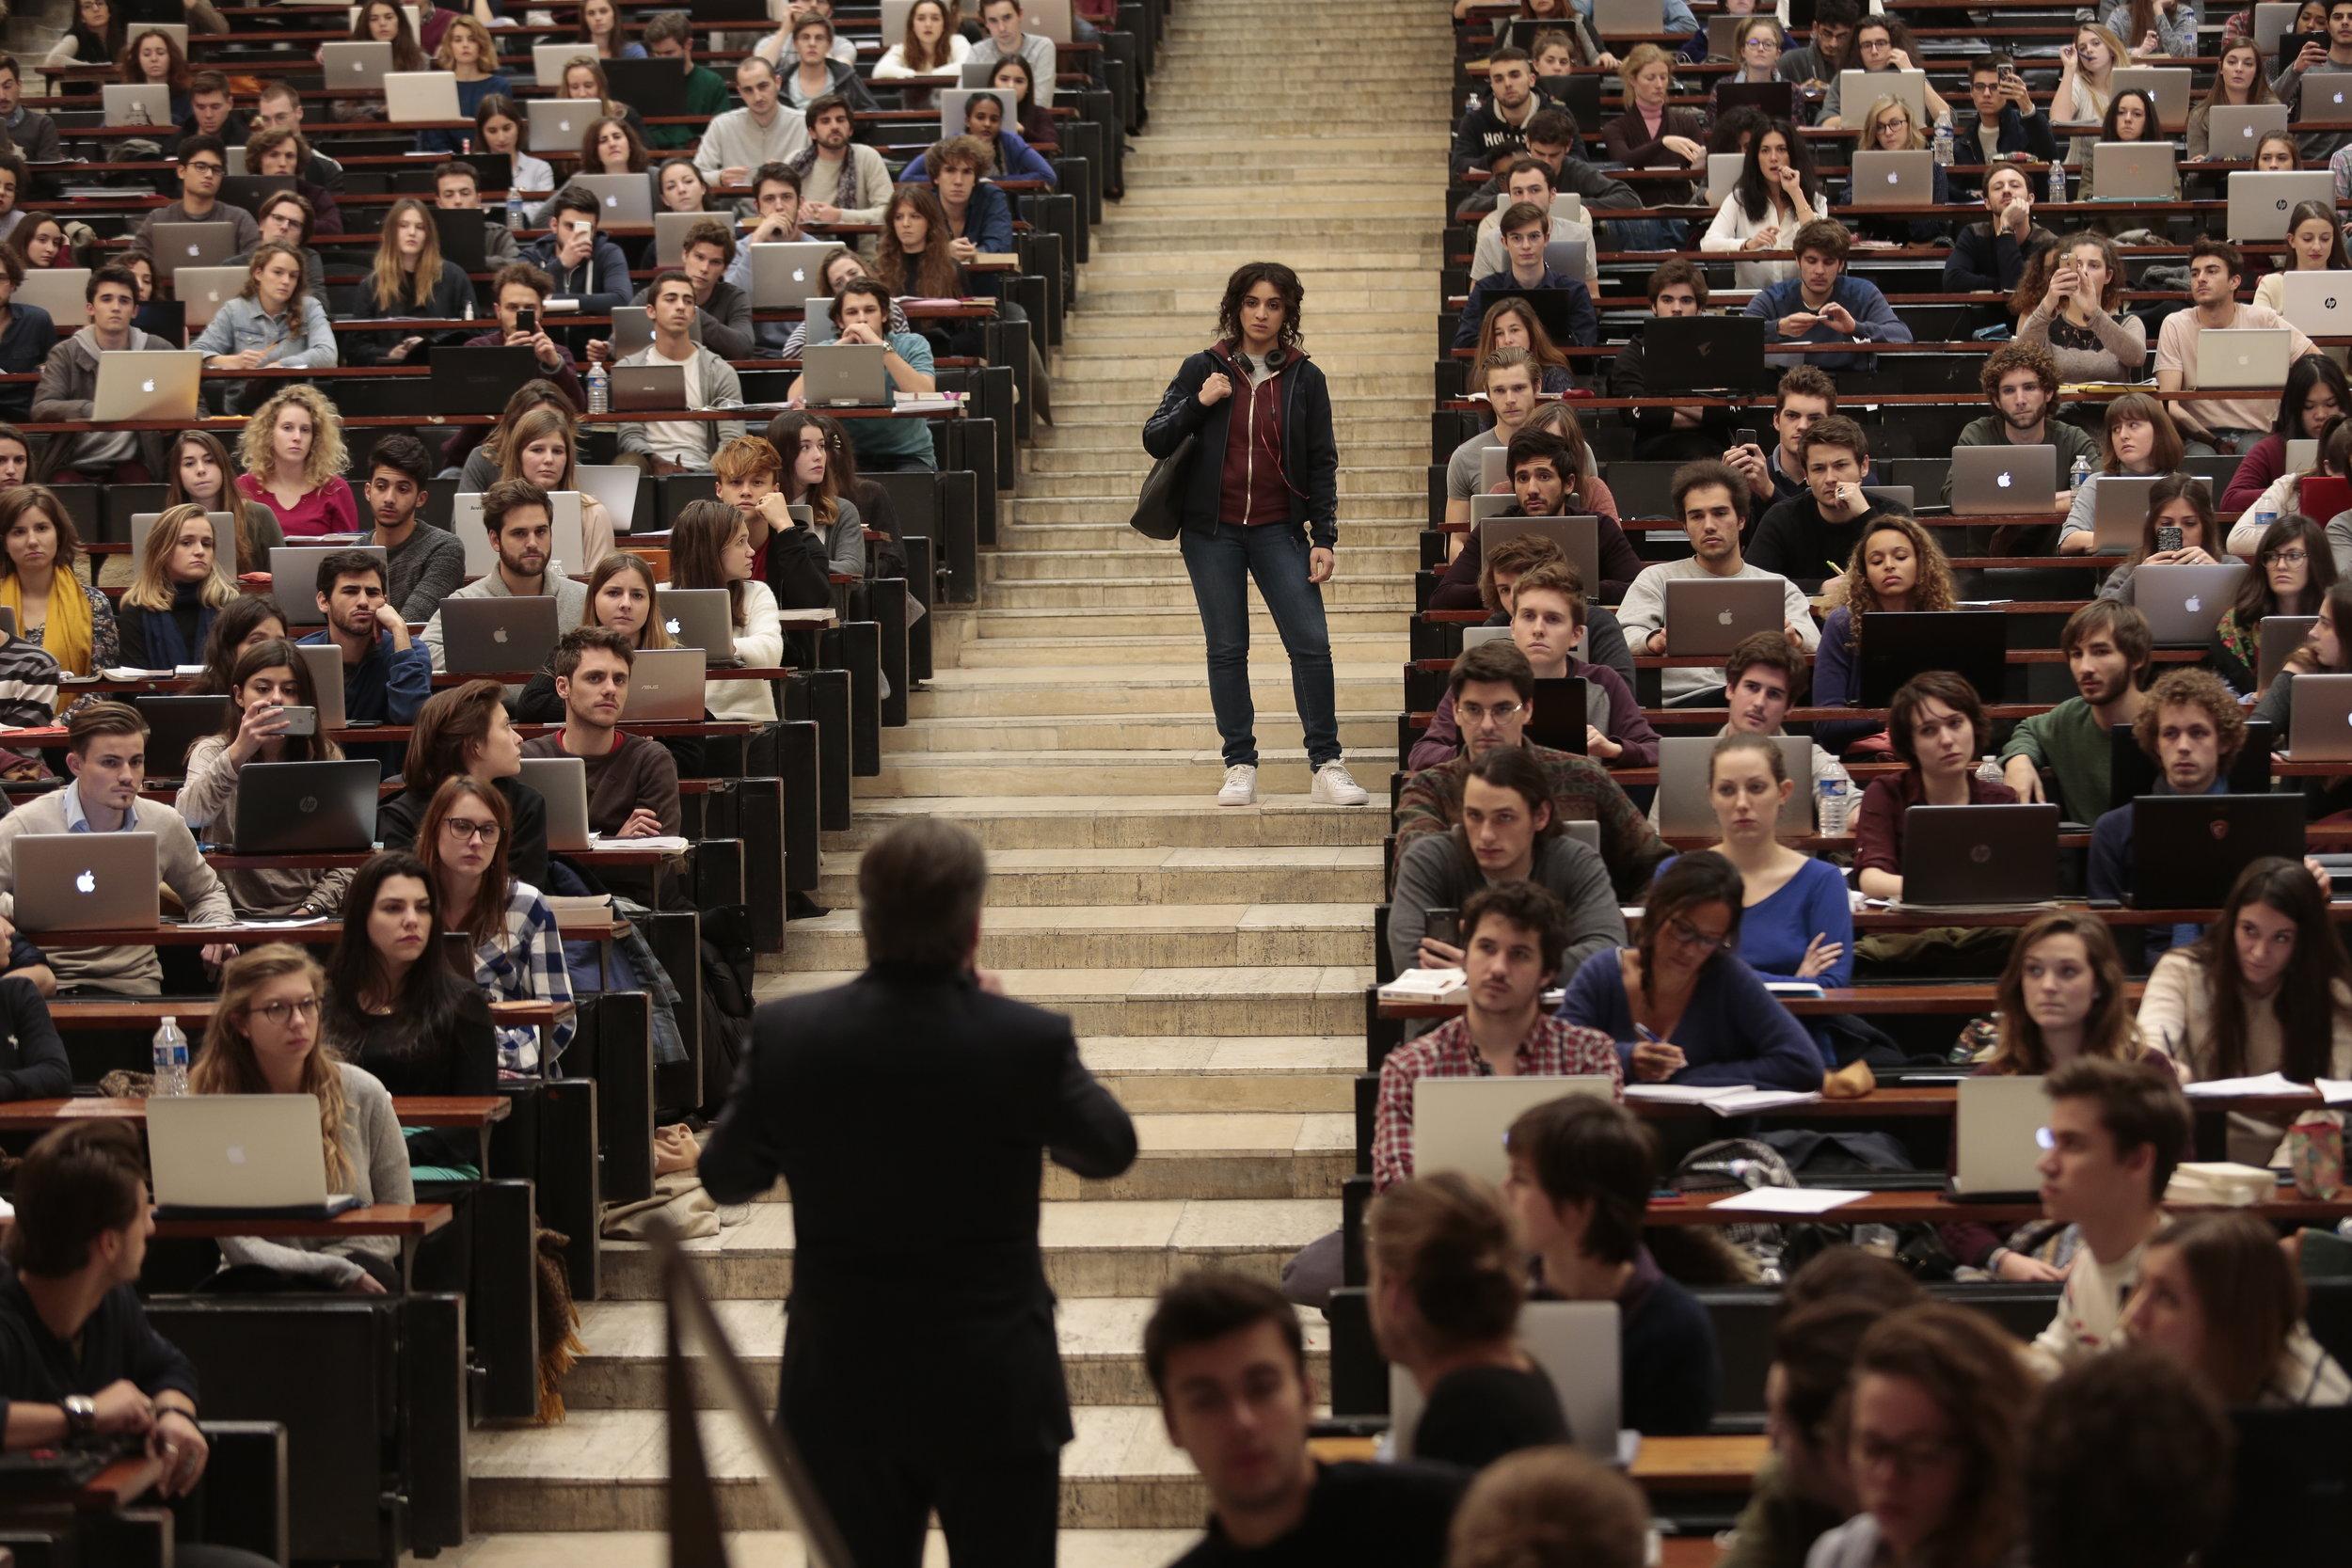 Da Neila (Camélia Jordana) kommer fem minutter for seint til forelesningen, henger professoren (Daniel Auteuil) henne ut i alles påhør.